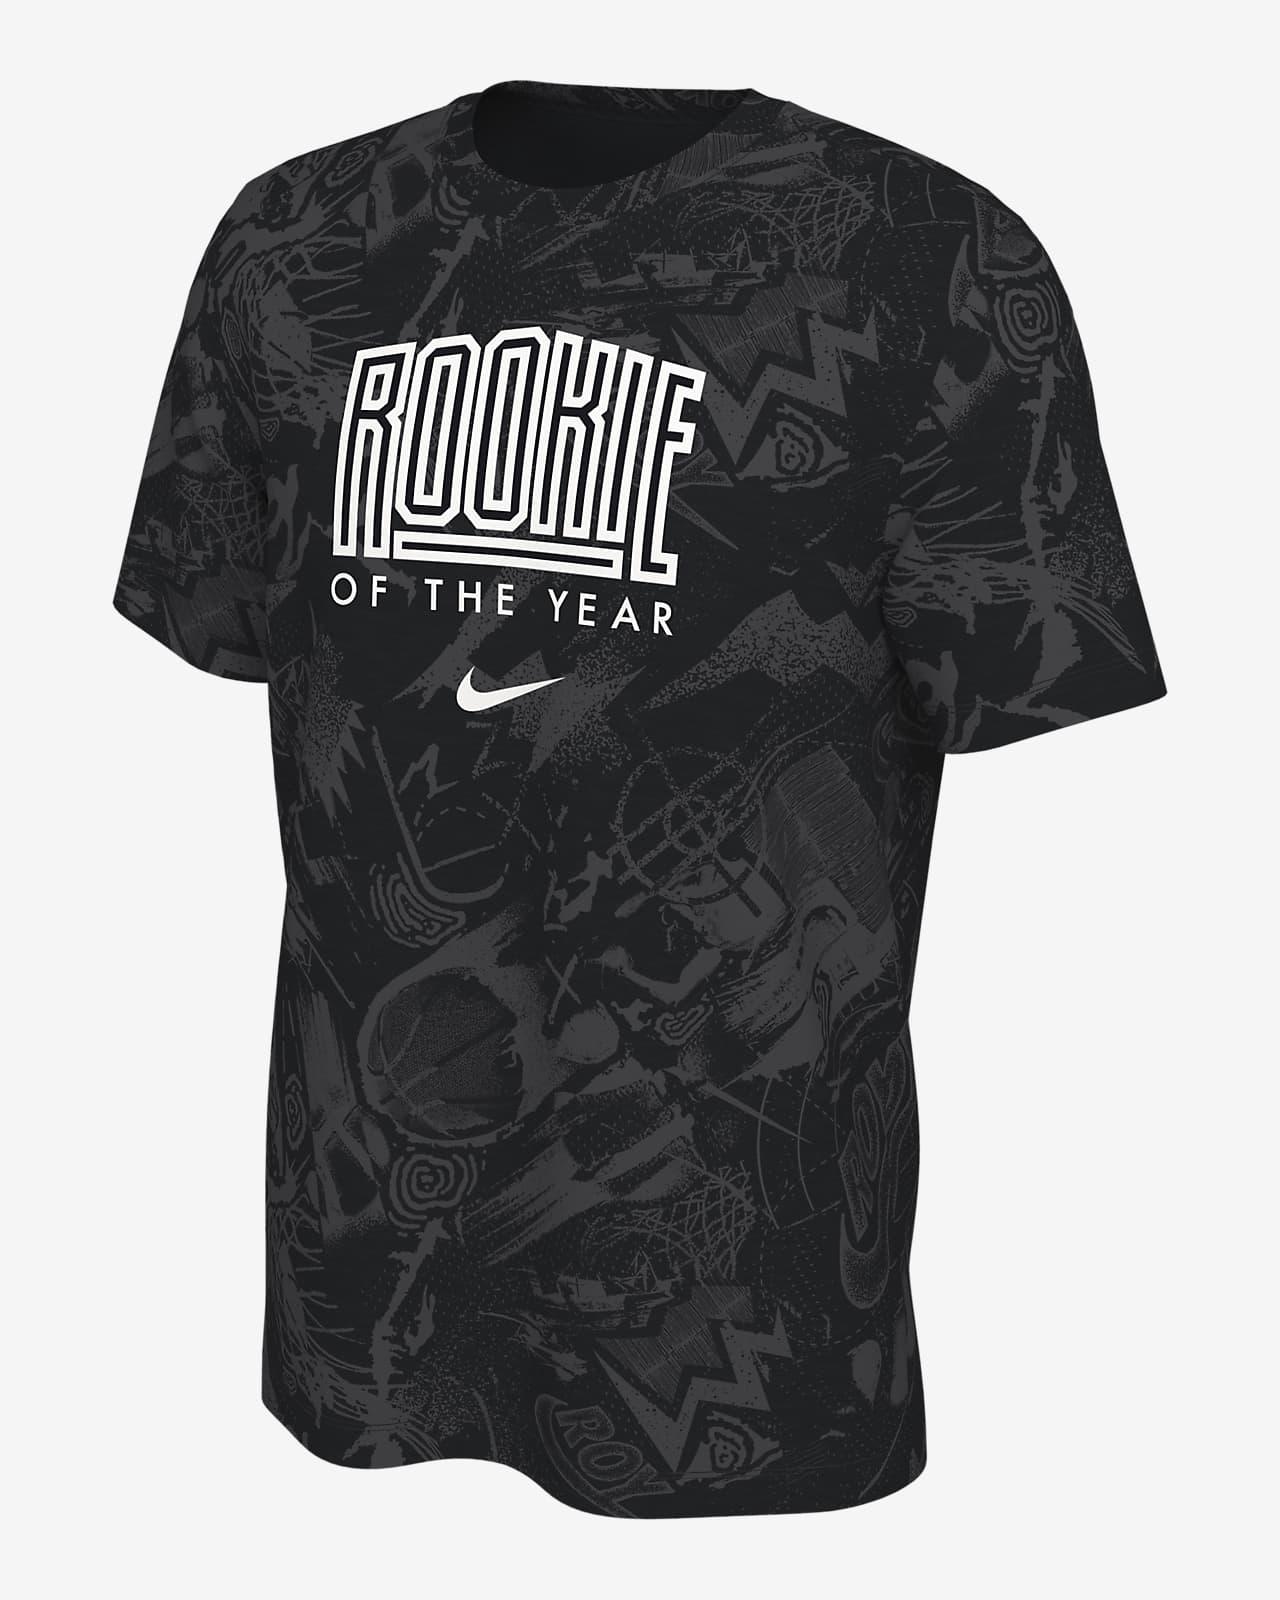 セレクト シリーズ コートサイド メンズ ナイキ NBA R.O.Y.Tシャツ